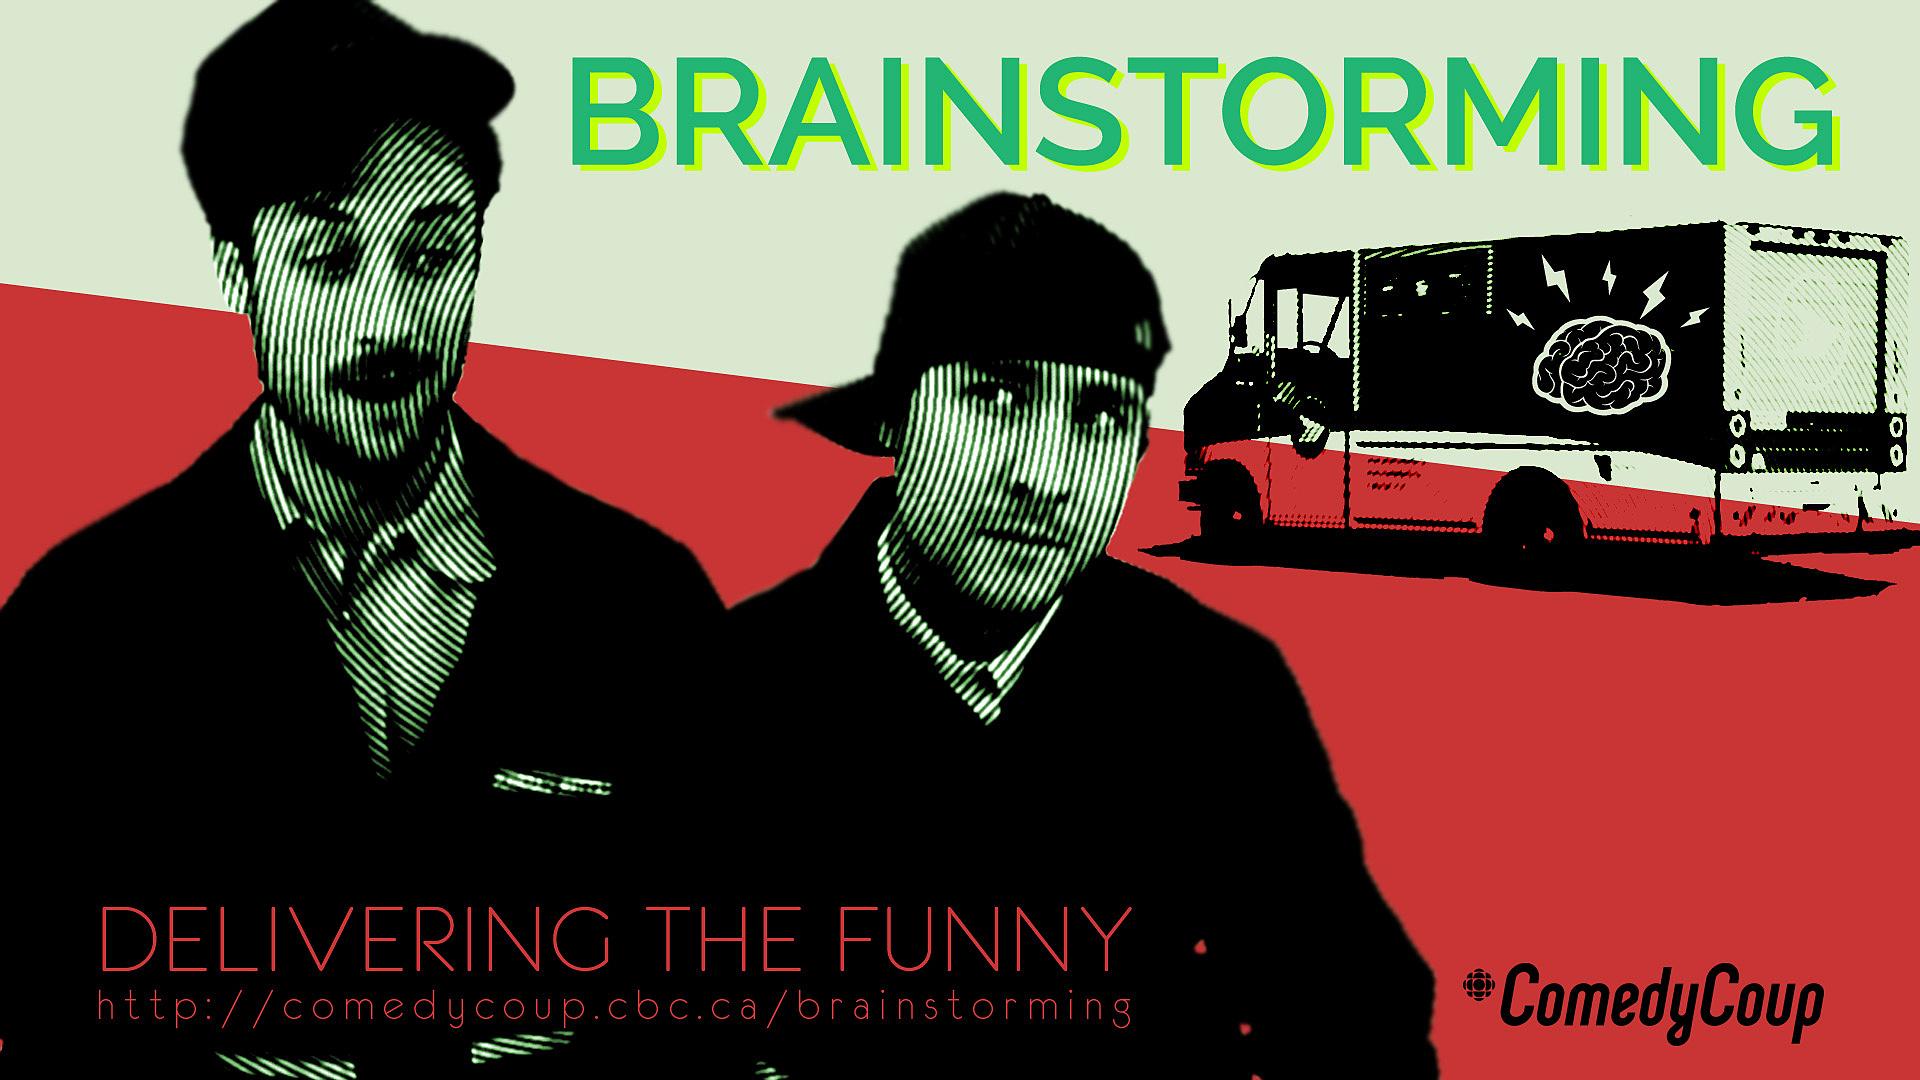 Week 4 Key It: Poster B Brainstorming